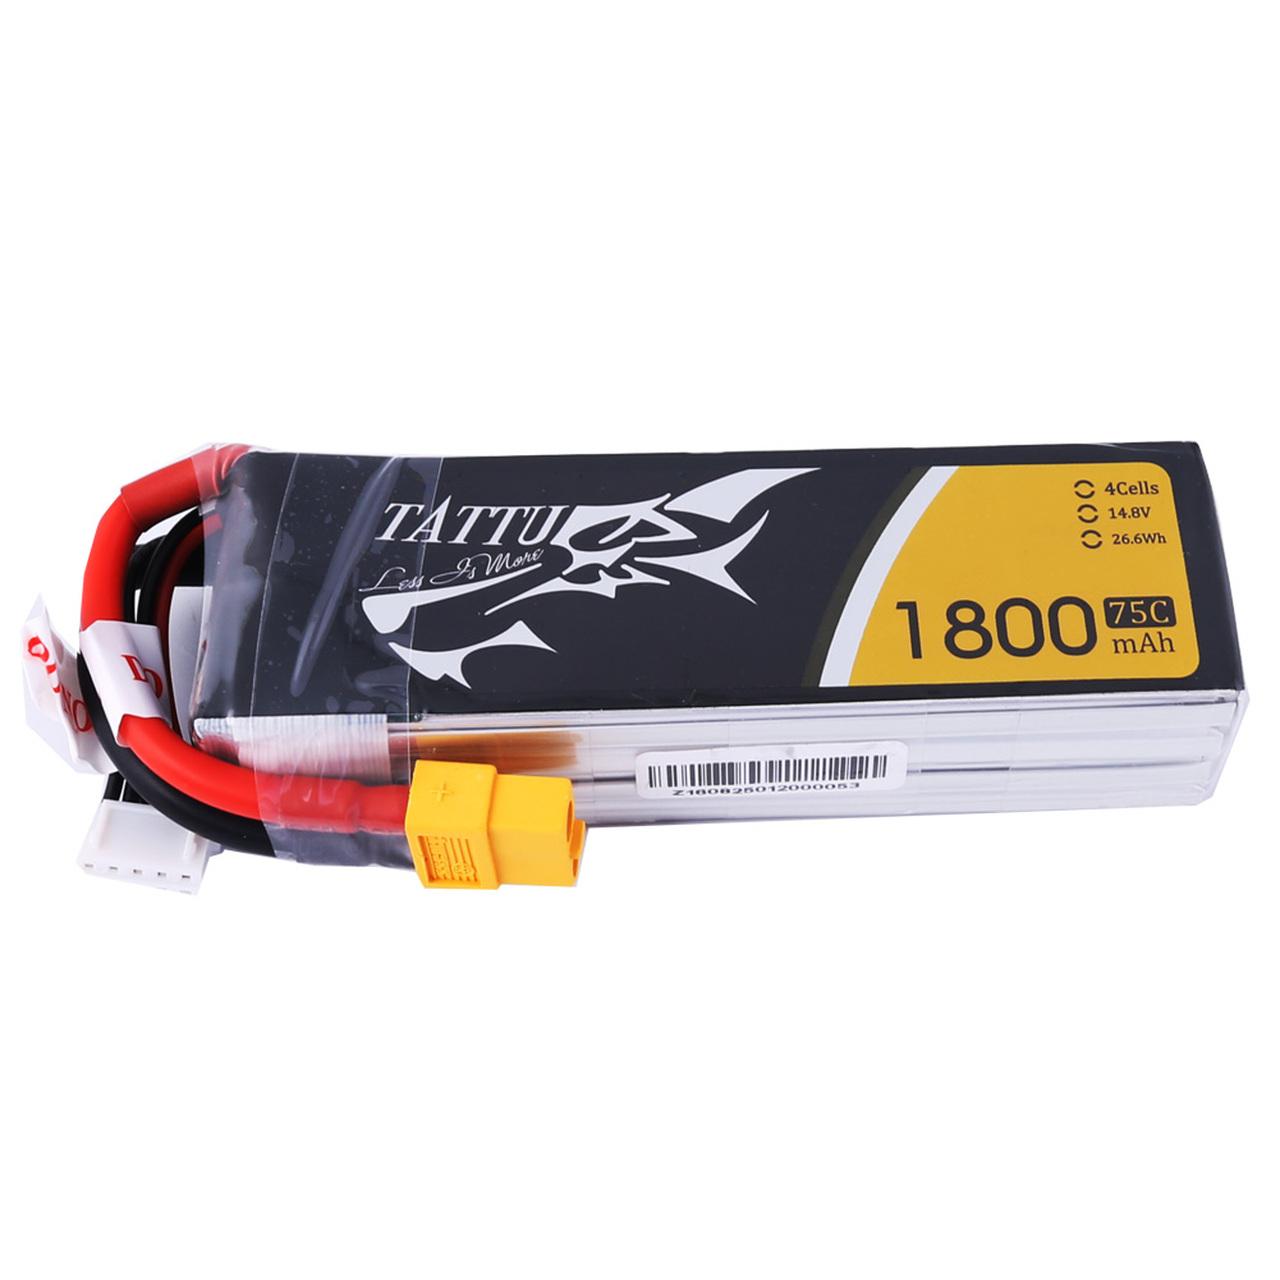 Tattu 1800mAh  75C 4S1P Lipo Battery Pack with XT60 Plug